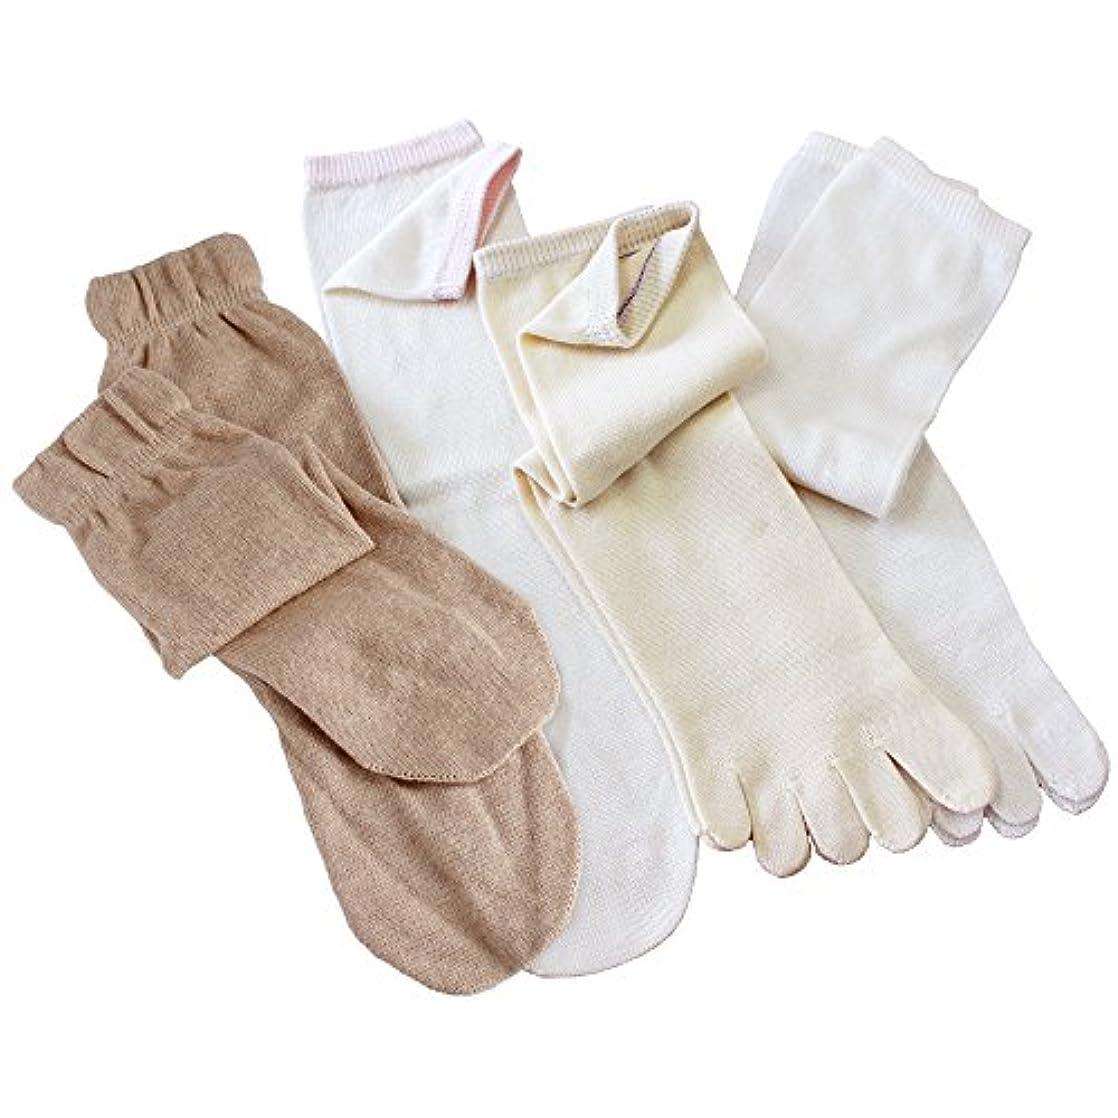 海峡ひもシニス介入するhiorie(ヒオリエ) 日本製 冷えとり靴下 シルク&コットン 5本指ソックス(重ねばき専用 4足セット) 正絹 綿